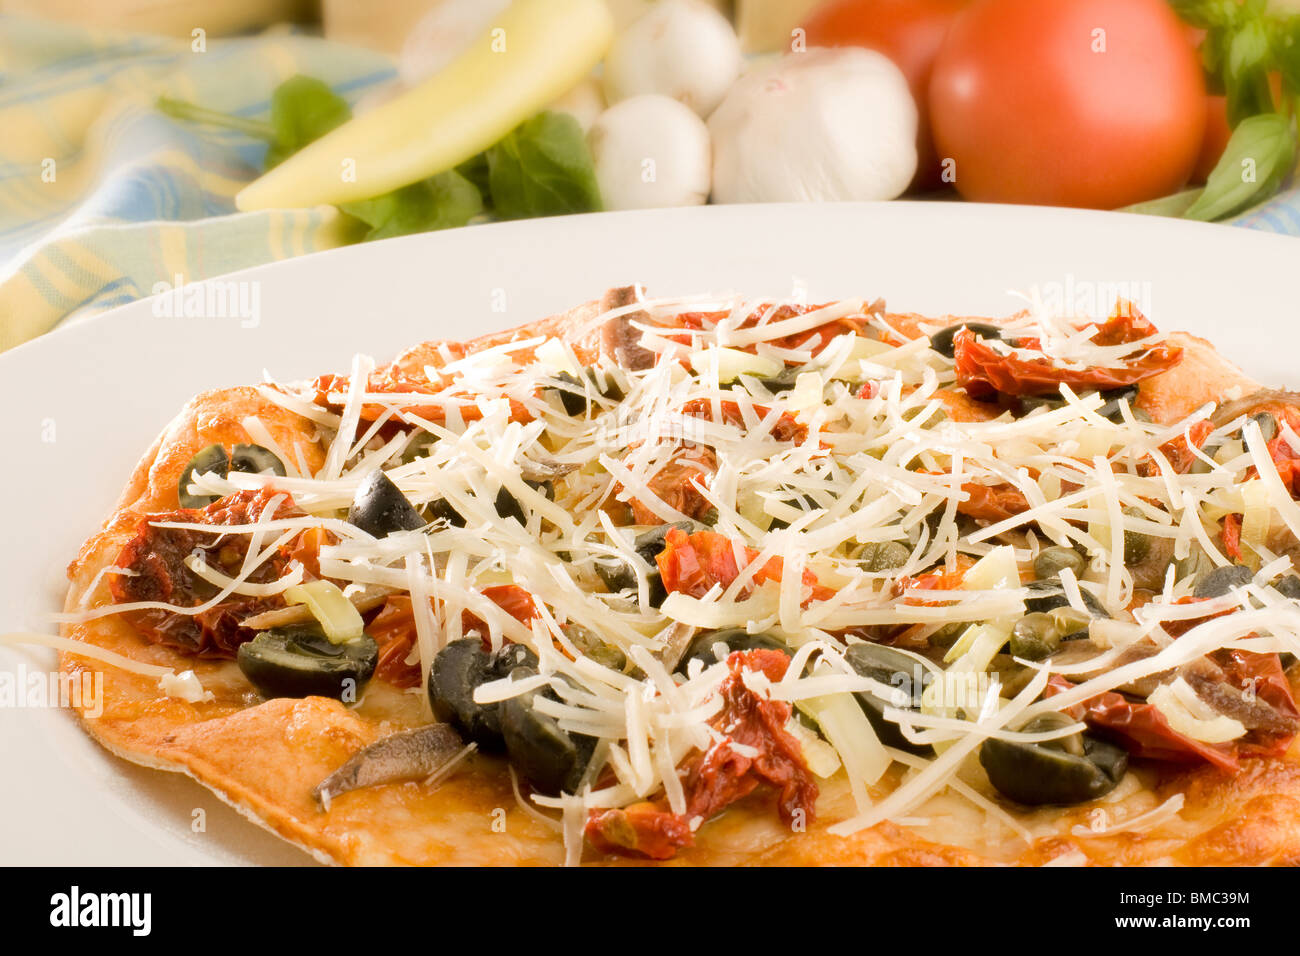 Pizza aux olives et parmesan Photo Stock